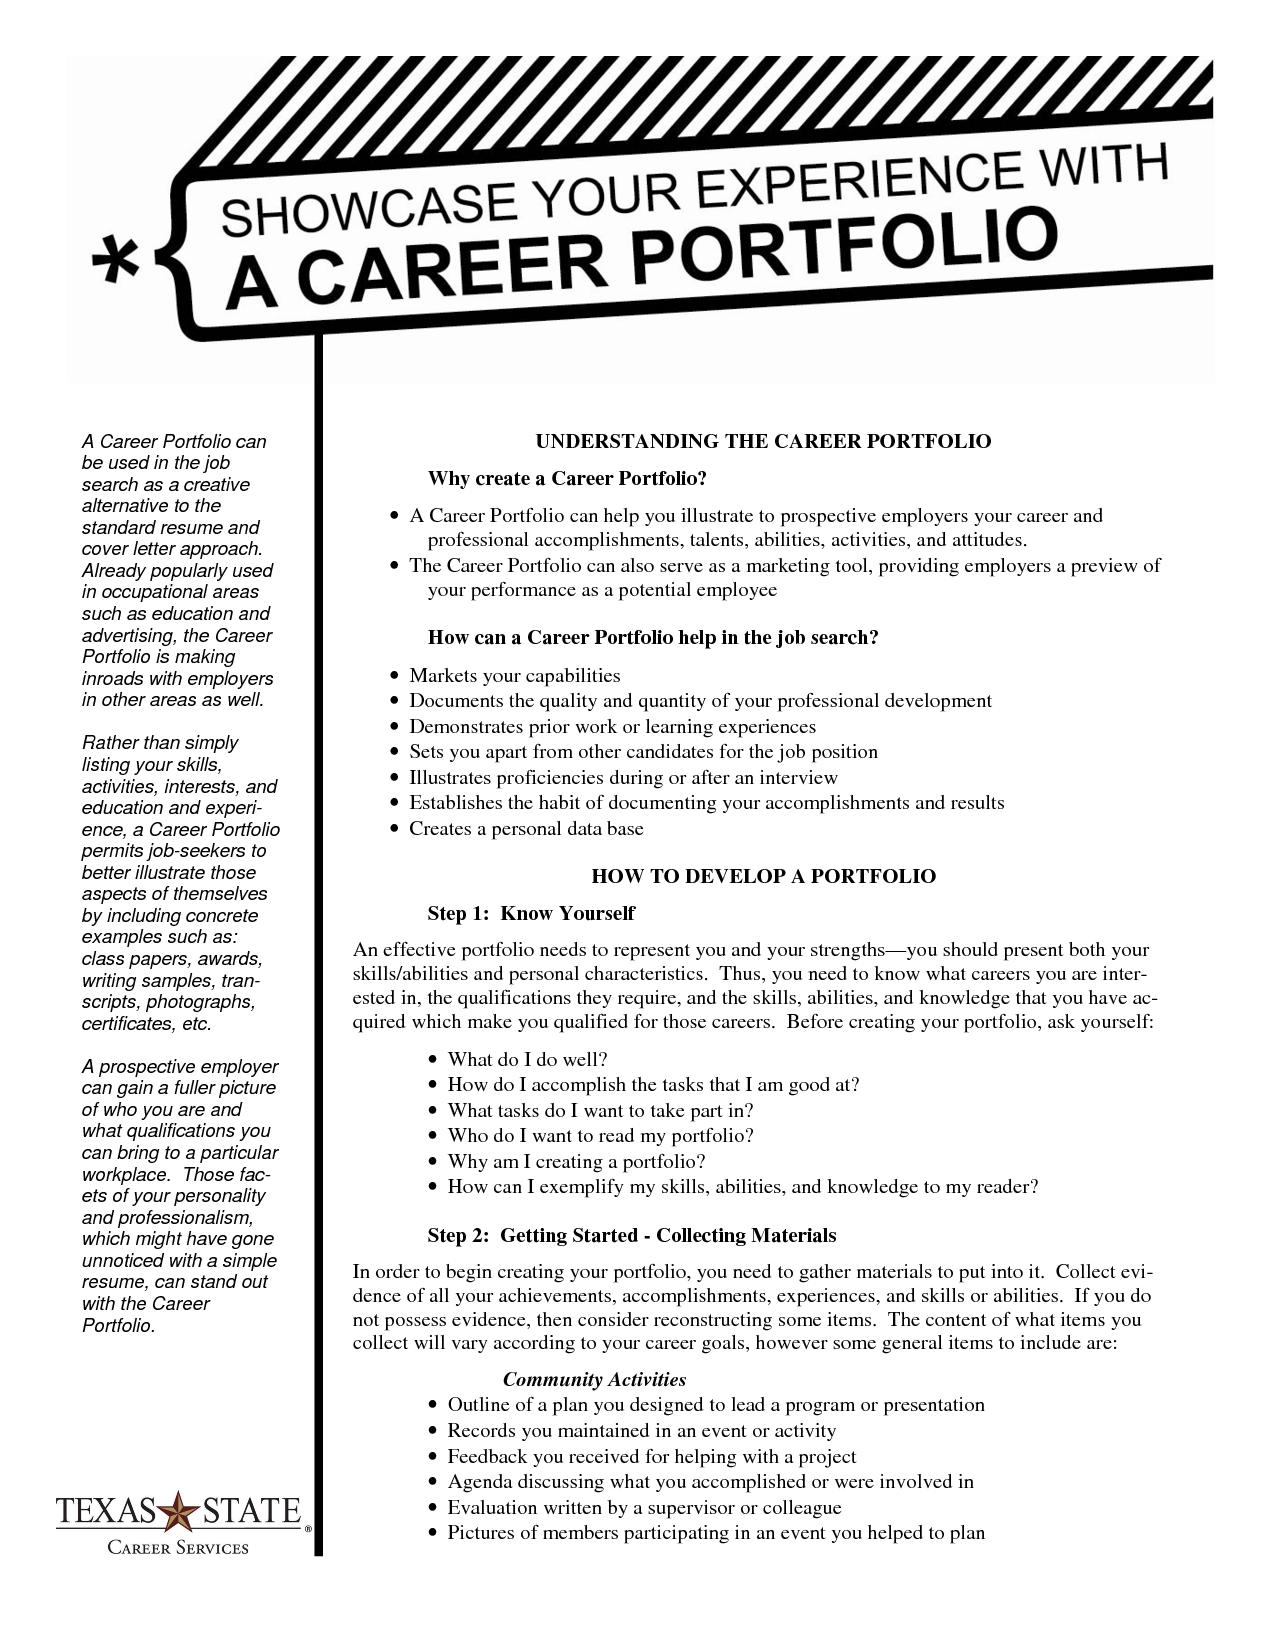 sample of portfolio outline Career Portfolio Handout